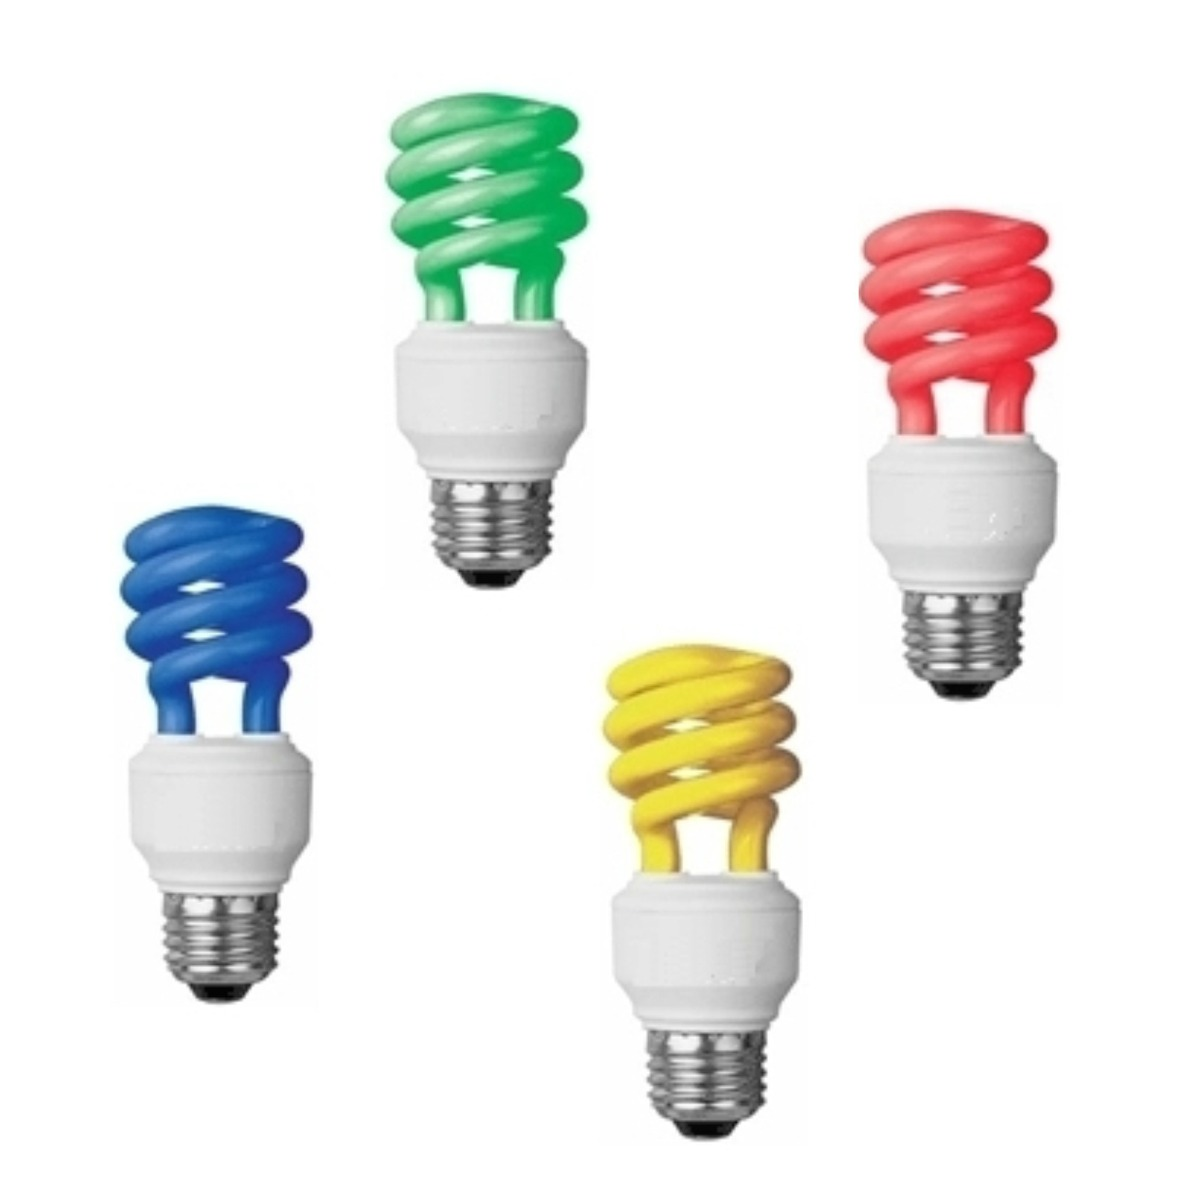 Lamparas Bajo Consumo Para Baño:lámpara bajo consumo de colores amarillo, azul, rojo, verde